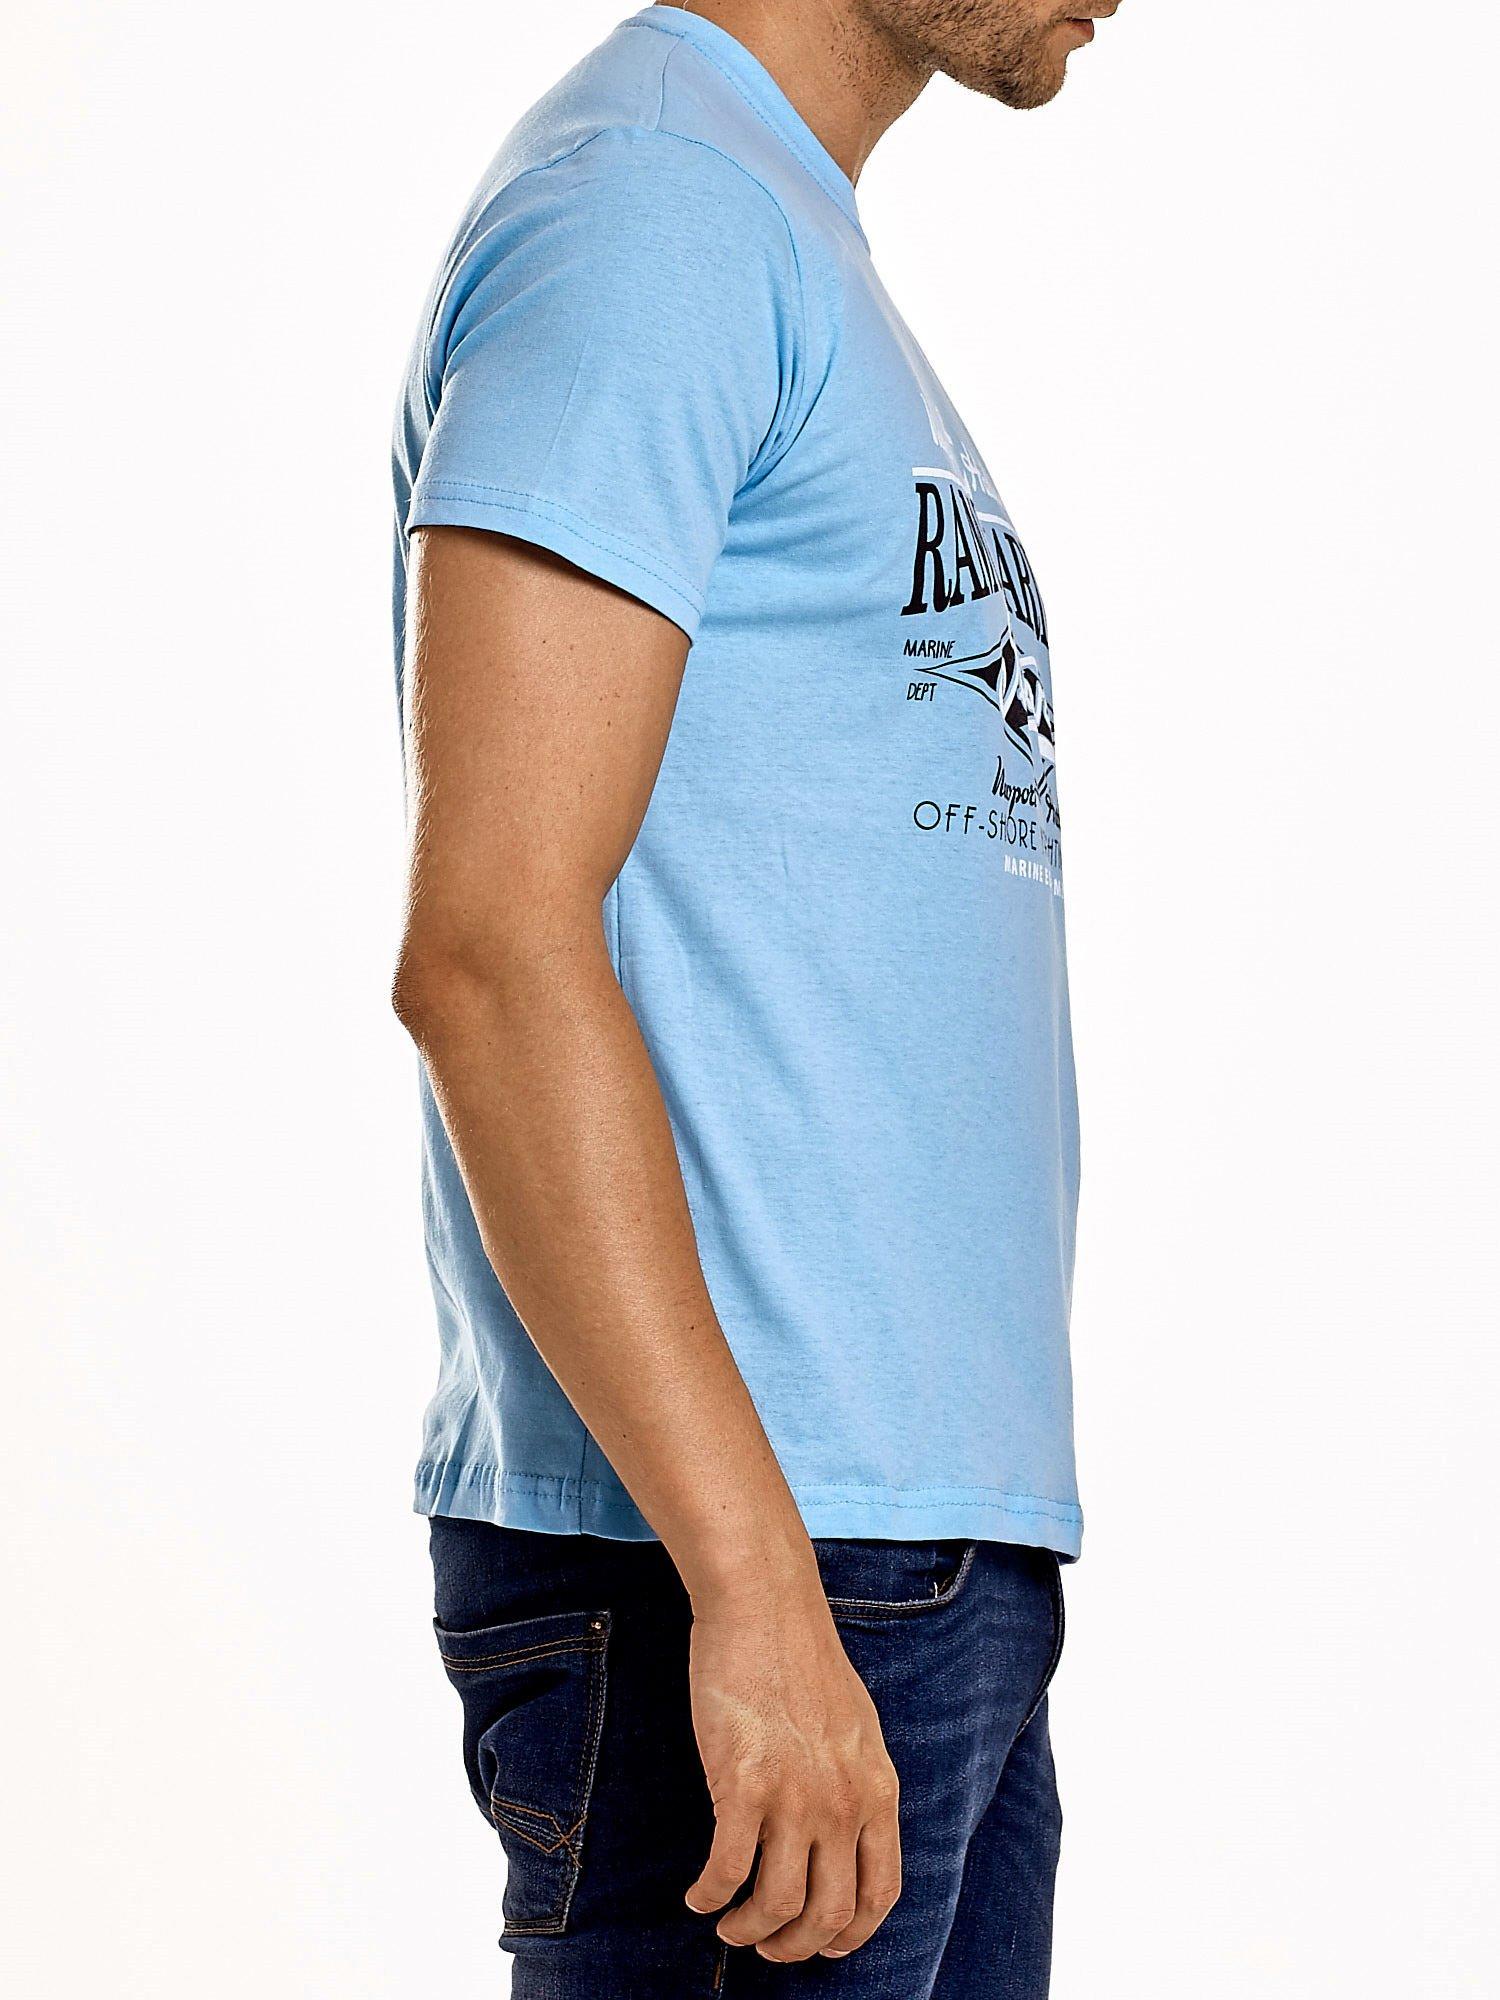 Jasnoniebieski t-shirt męski z napisami i kotwicą                                  zdj.                                  3